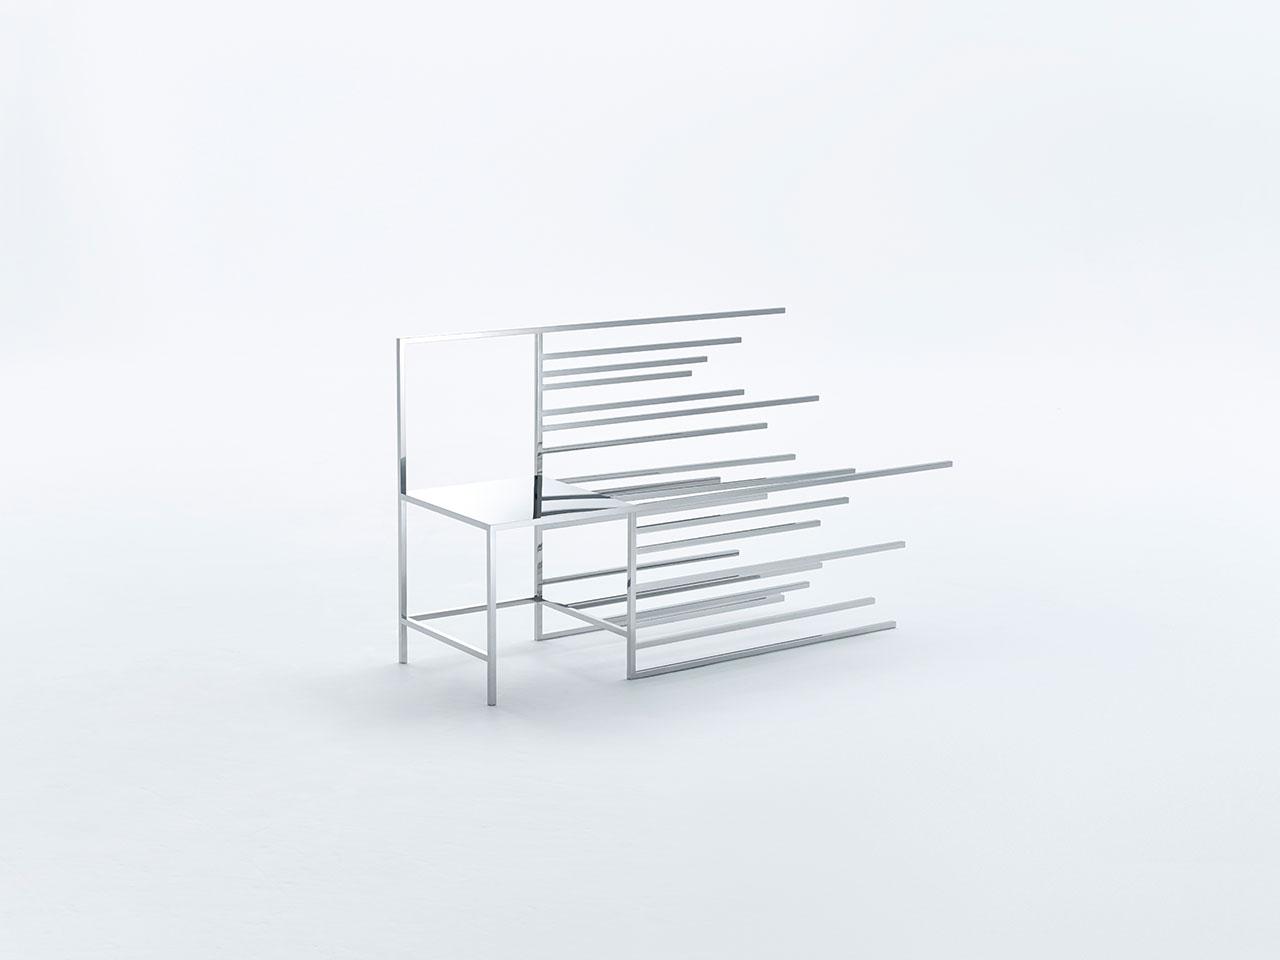 f14_50_manga_chairs_nendo_for_friedman_benda_photo_kenichi_sonehara_yatzer